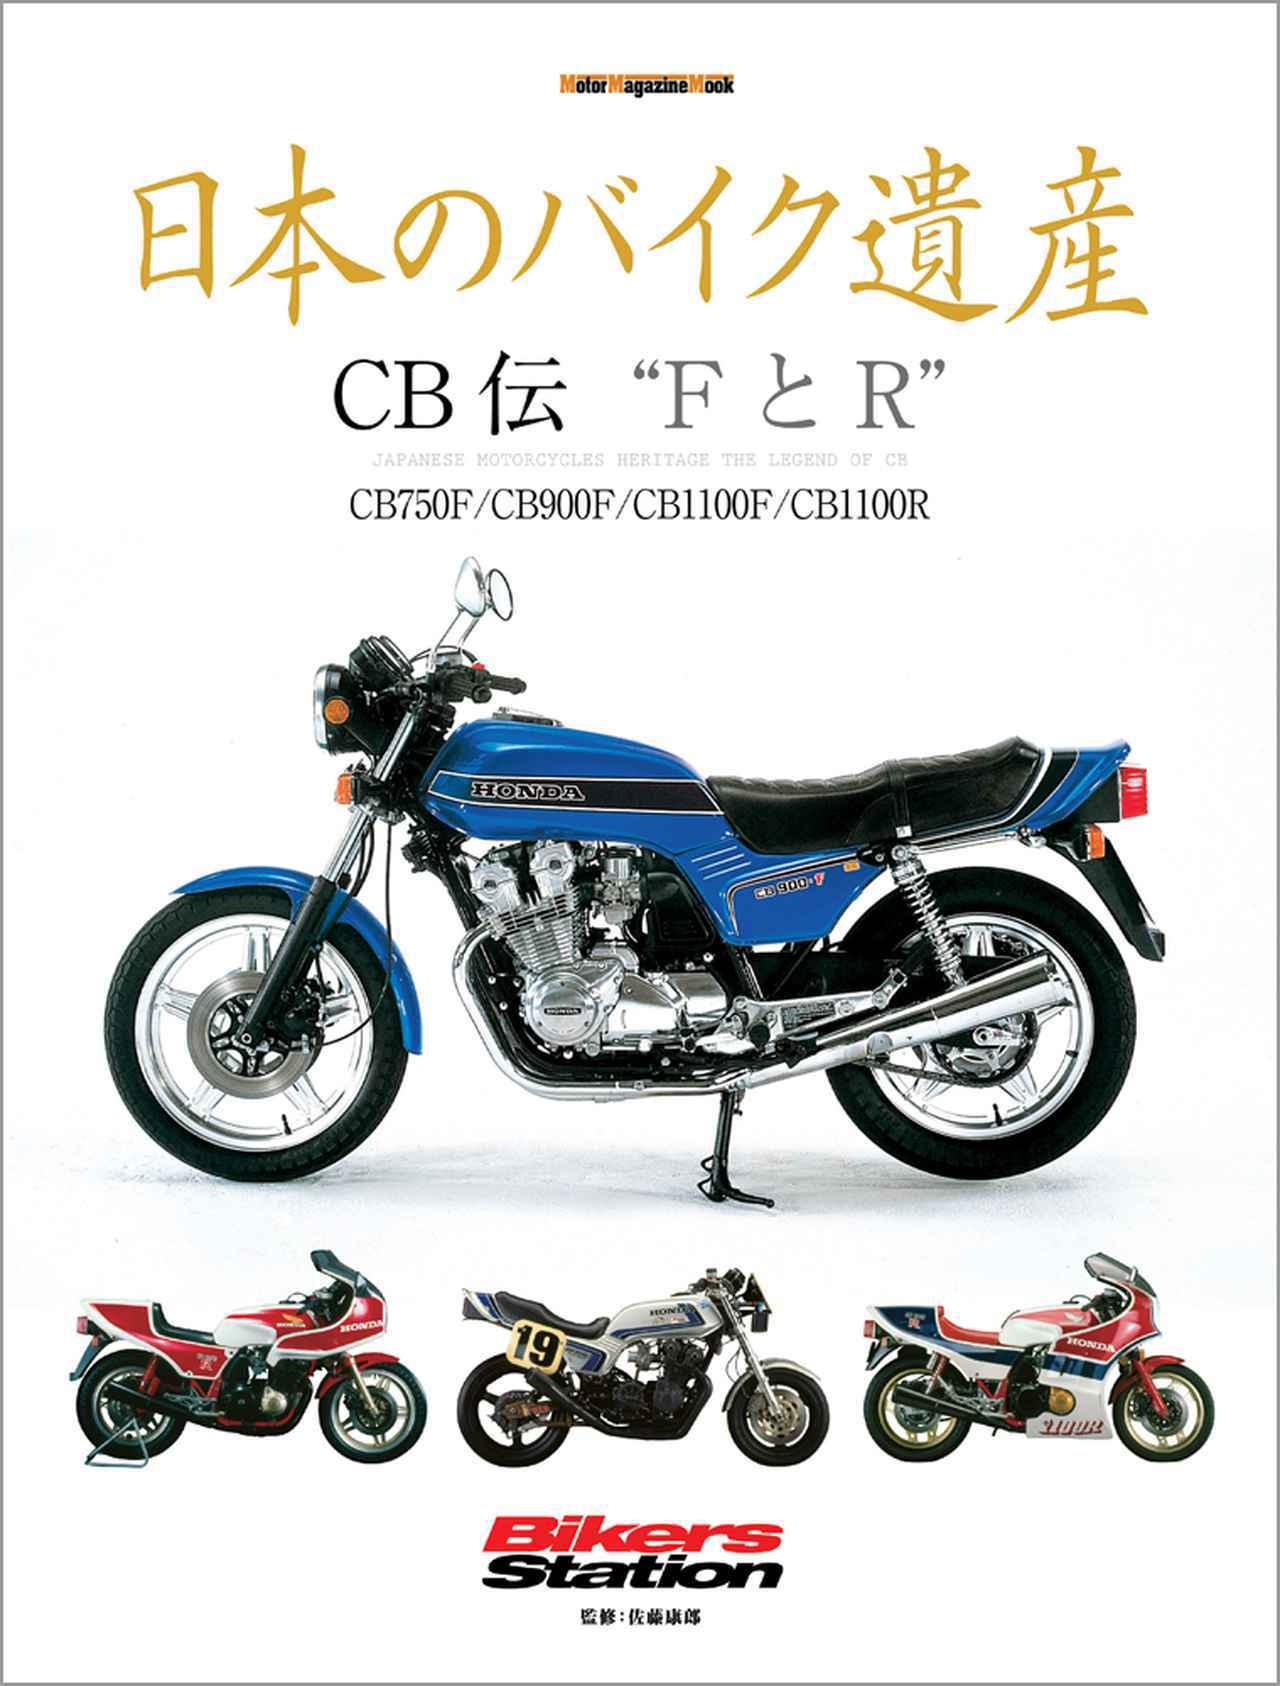 """画像: 「日本のバイク遺産 CB伝 """"FとR""""」好評発売中  - 株式会社モーターマガジン社"""